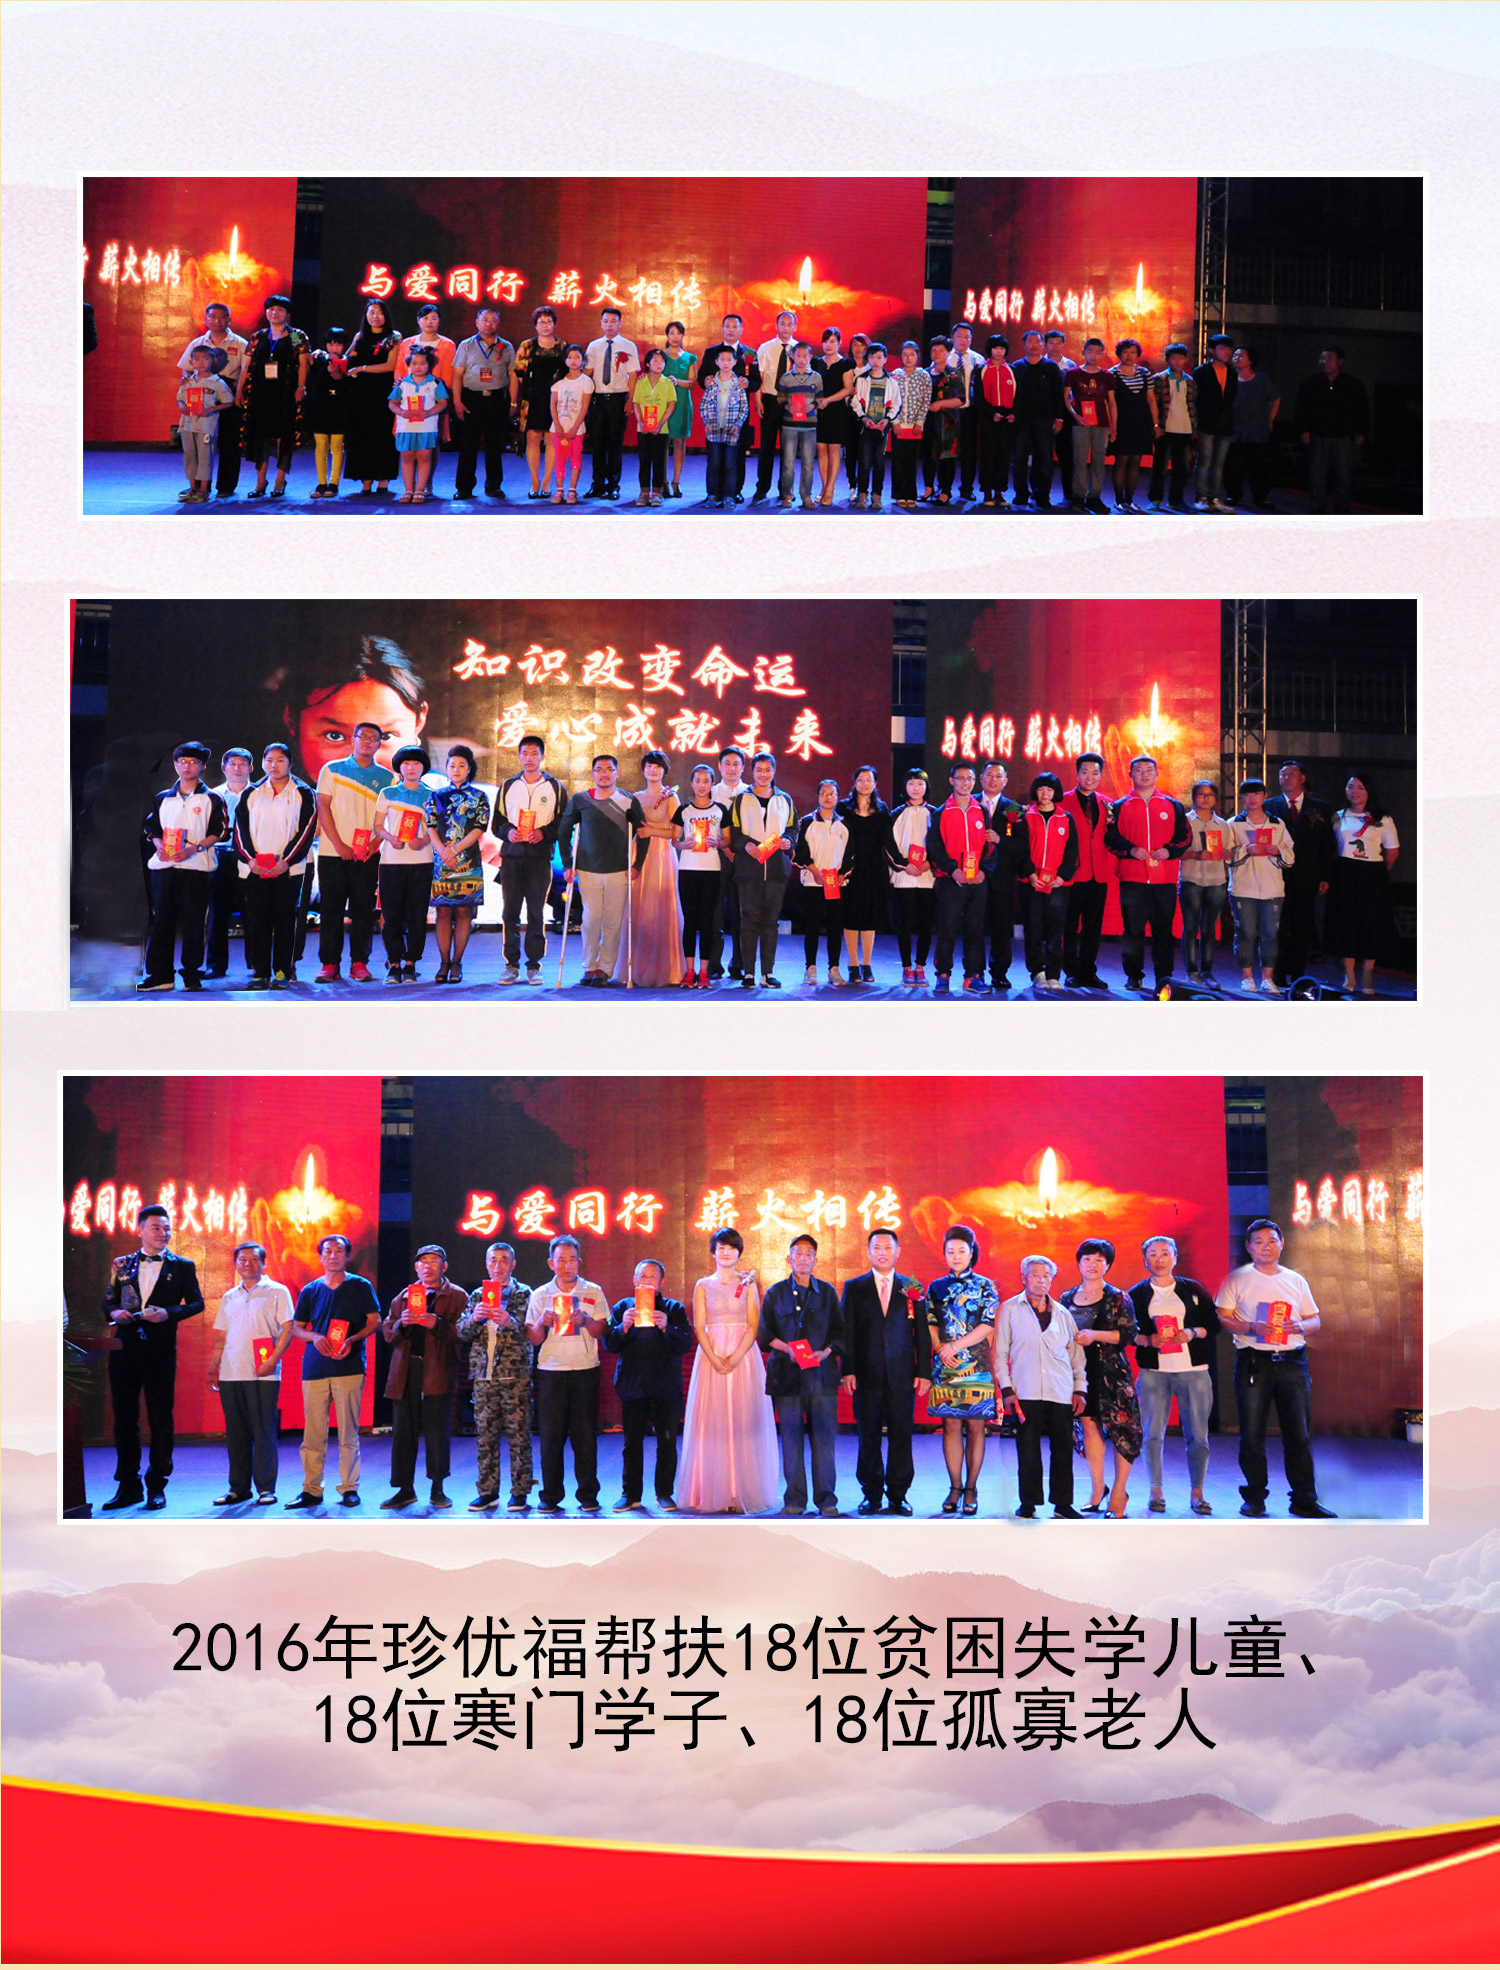 http://image.zhenyoufu.com.cn/shop/article/06711082969156464.jpg